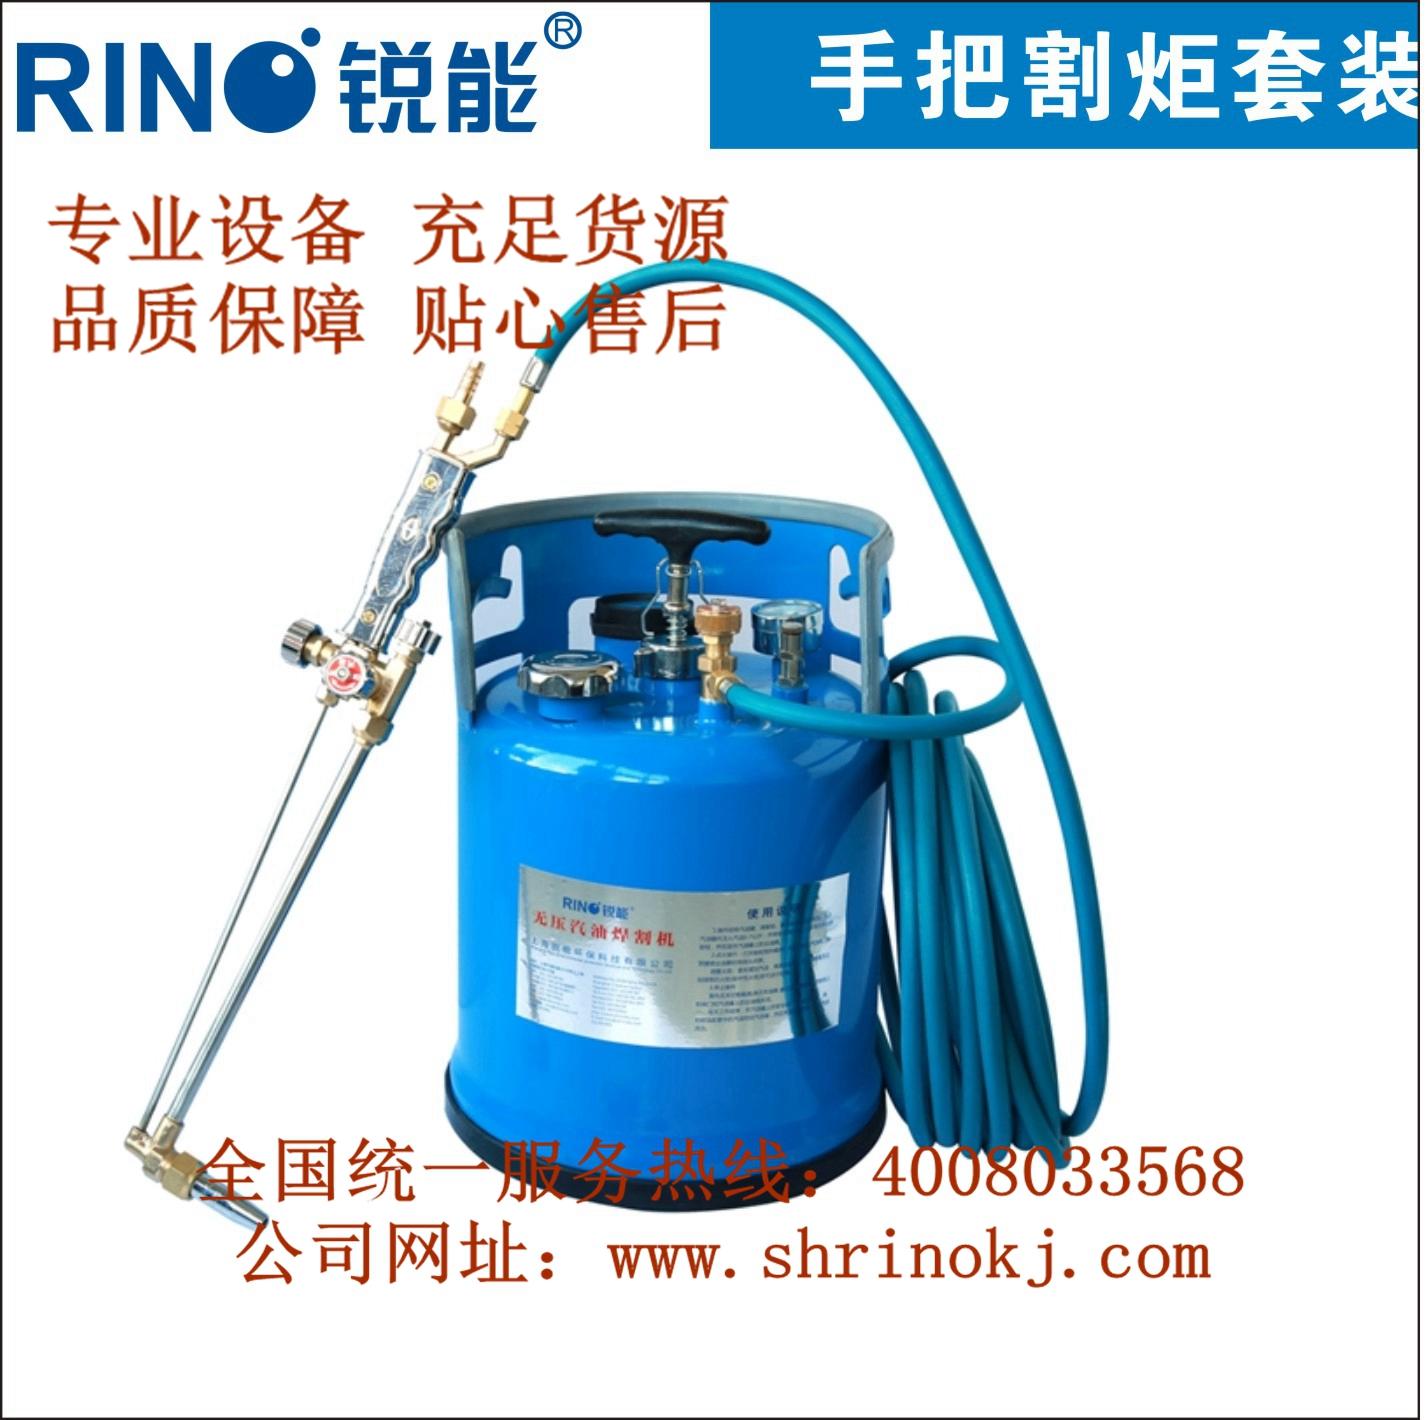 上海锐能无压汽油焊割机与同类产品区别